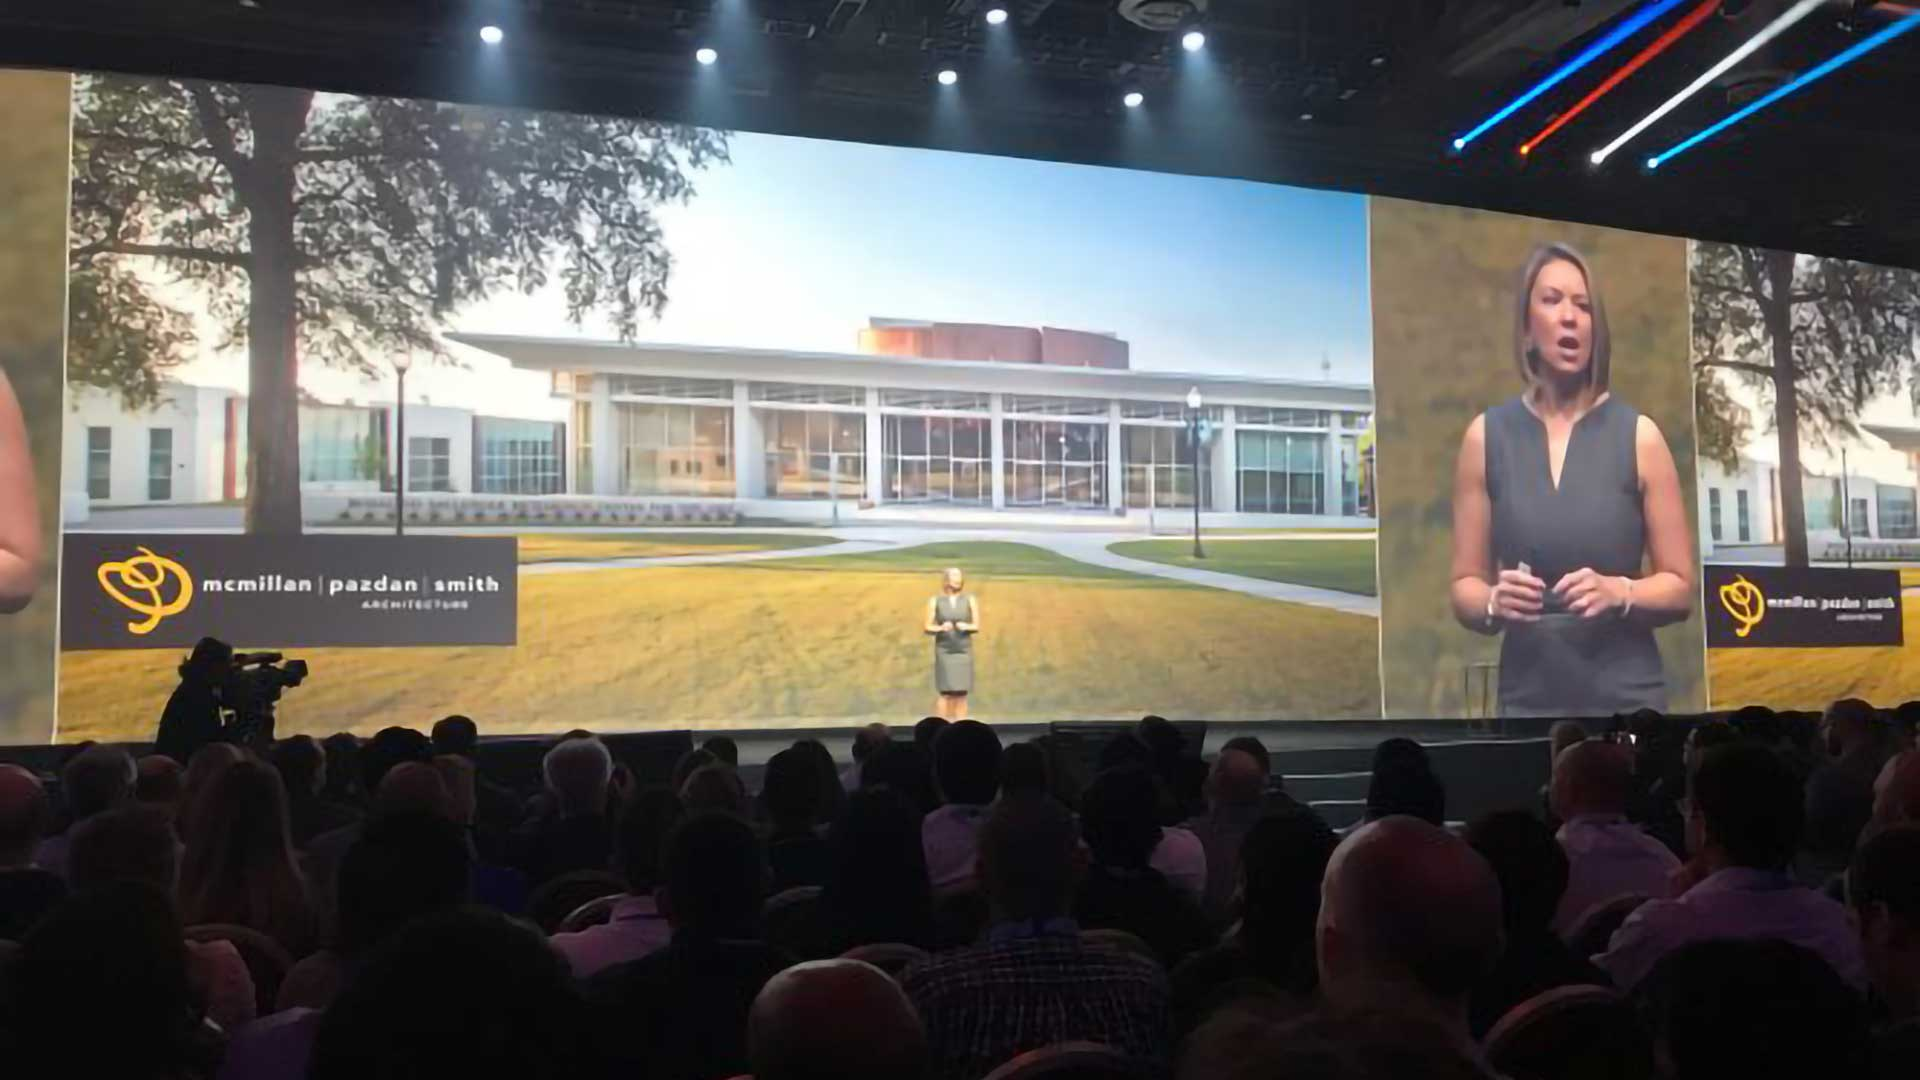 Keynote Speaker onstage at Autodesk University, 2017